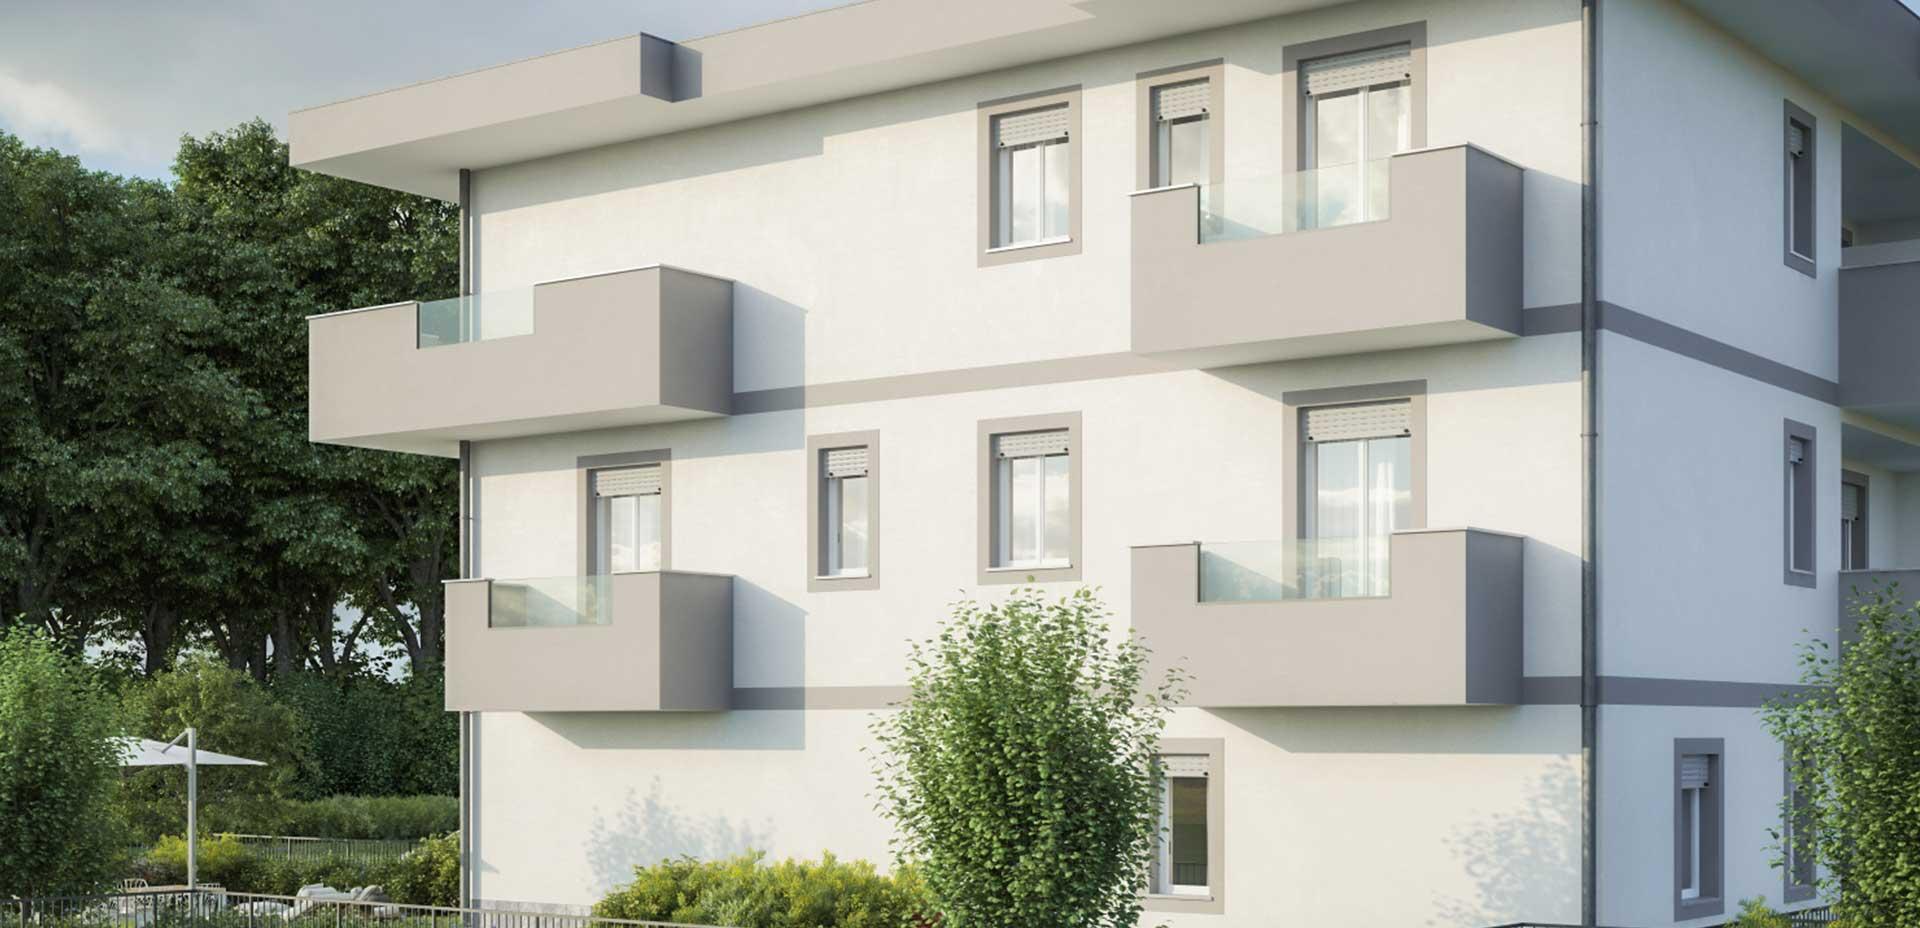 Girasoli 2 quadrilocale appartamento 04